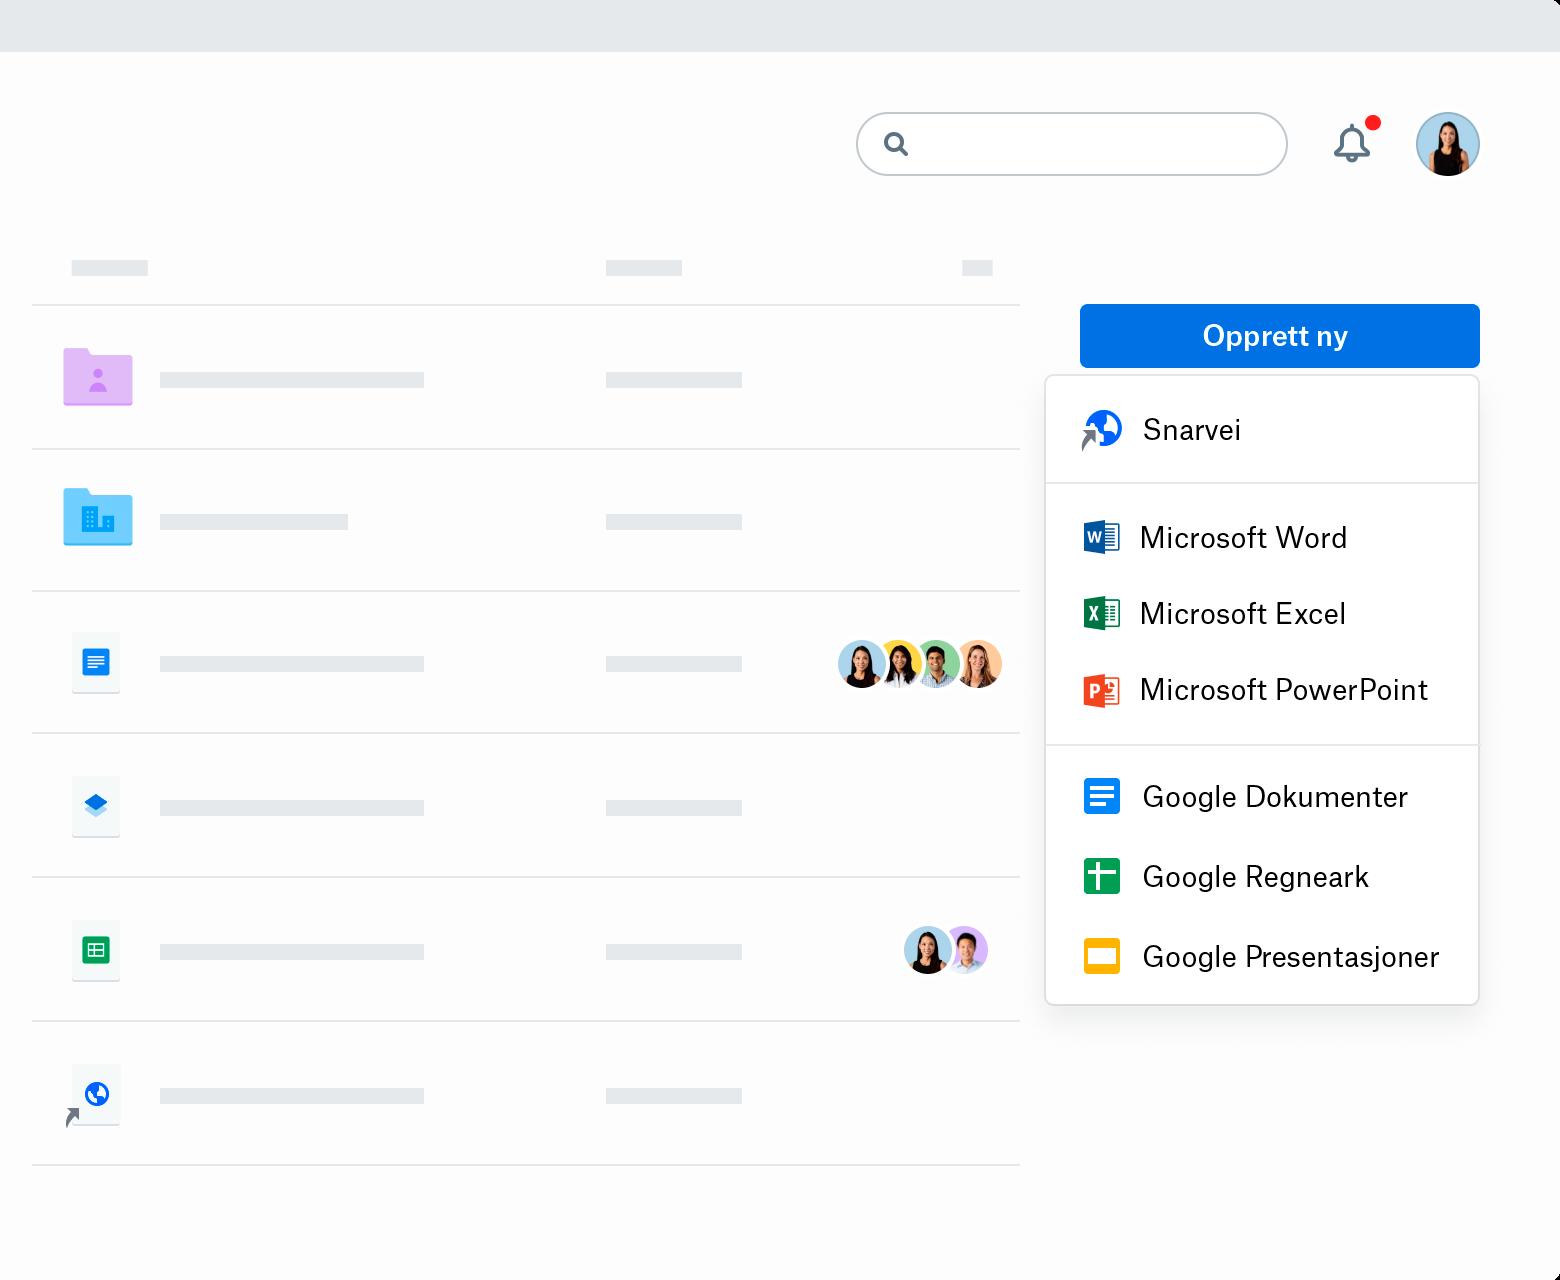 """Et skjermbilde av """"Opprette ny"""" nedtrekksmeny i Dropbox.com. Menyen viser snarvei, Microsoft Word, Microsoft Excel, Microsoft PowerPoint, Google Docs, Google Sheets og Google Slides."""